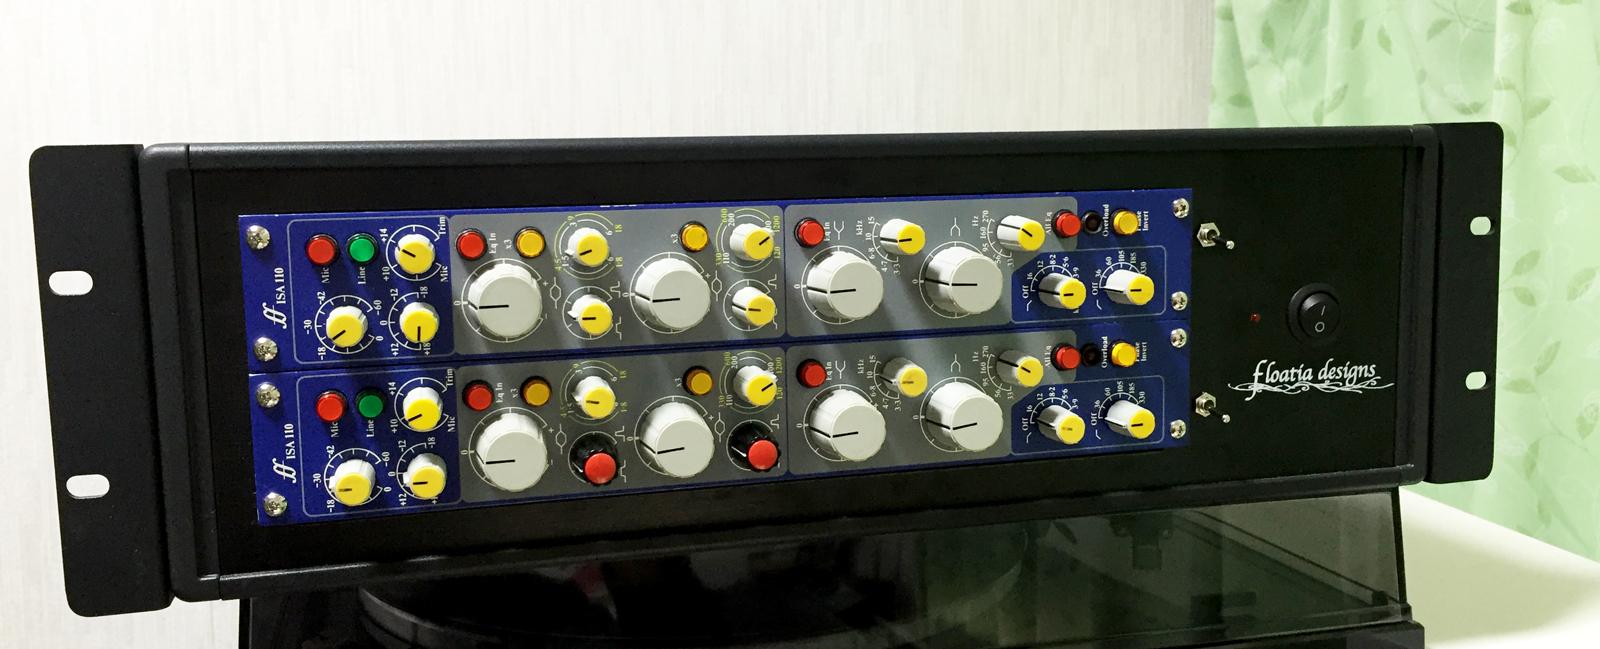 Focusrie ISA110|画像